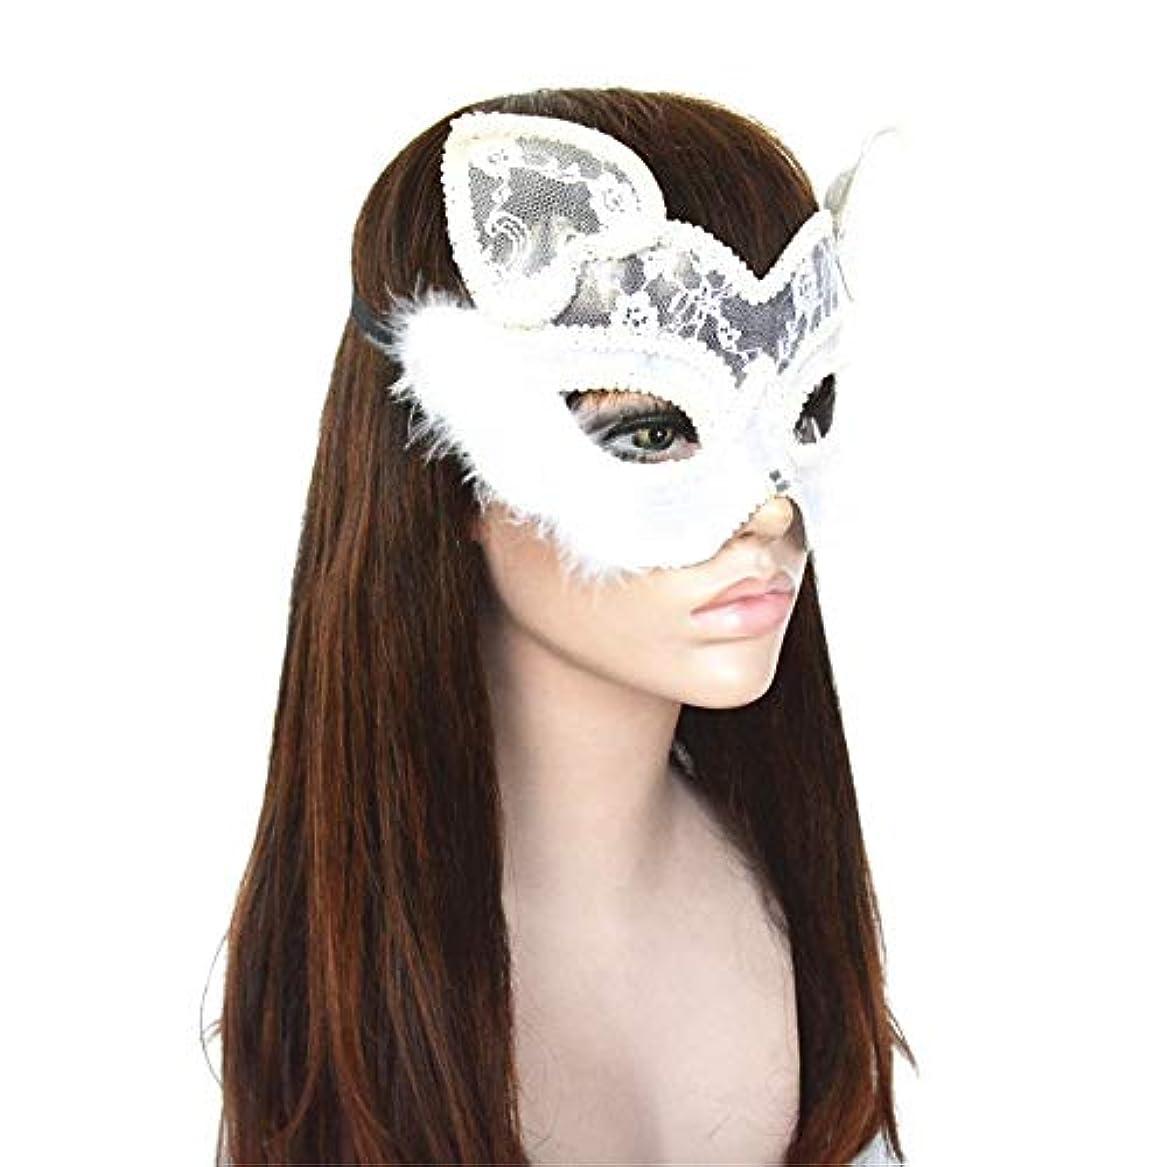 ミシンくま他の日ダンスマスク レース楽しい女性動物猫顔ポリ塩化ビニールハロウィンマスククリスマス製品コスプレナイトクラブパーティーマスク ホリデーパーティー用品 (色 : 白, サイズ : 19x15.5cm)